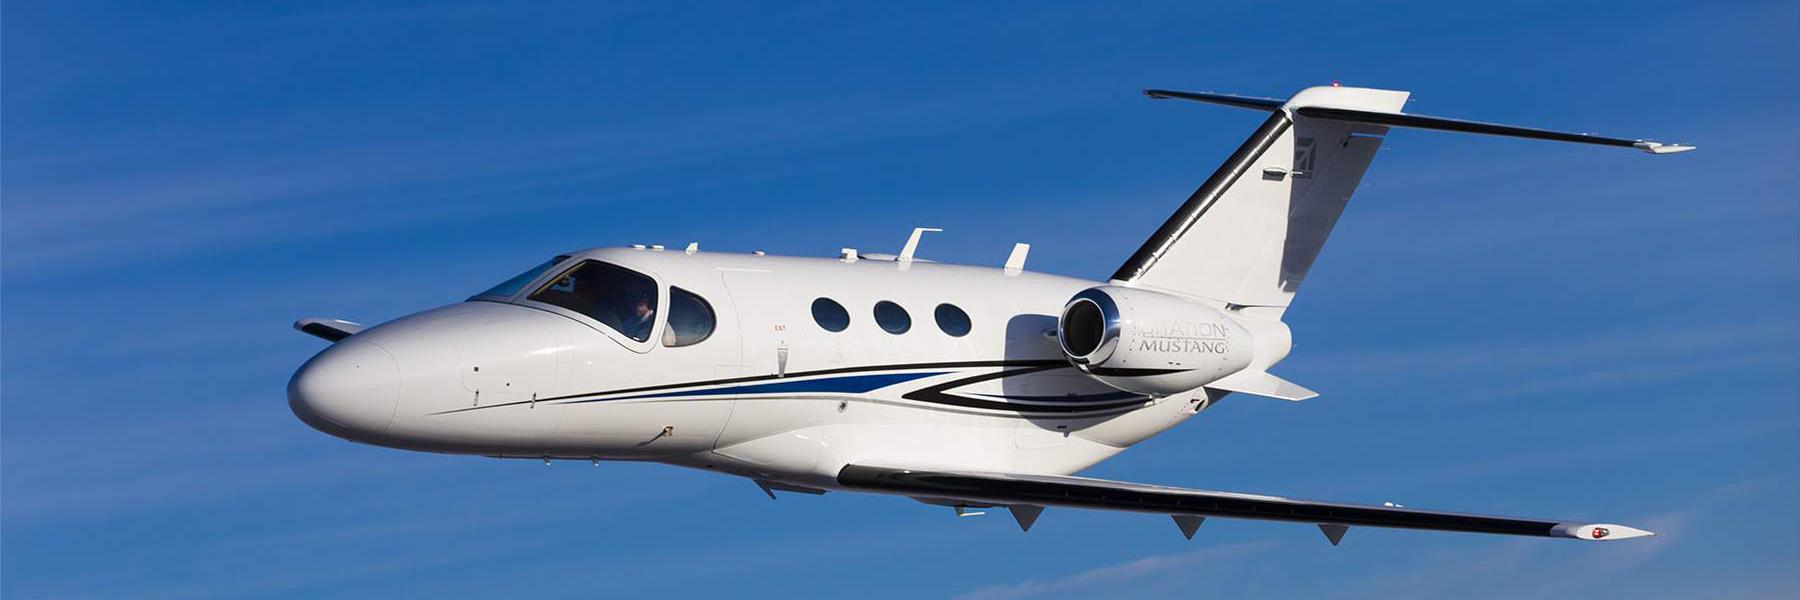 航空機の売買仲介サービス